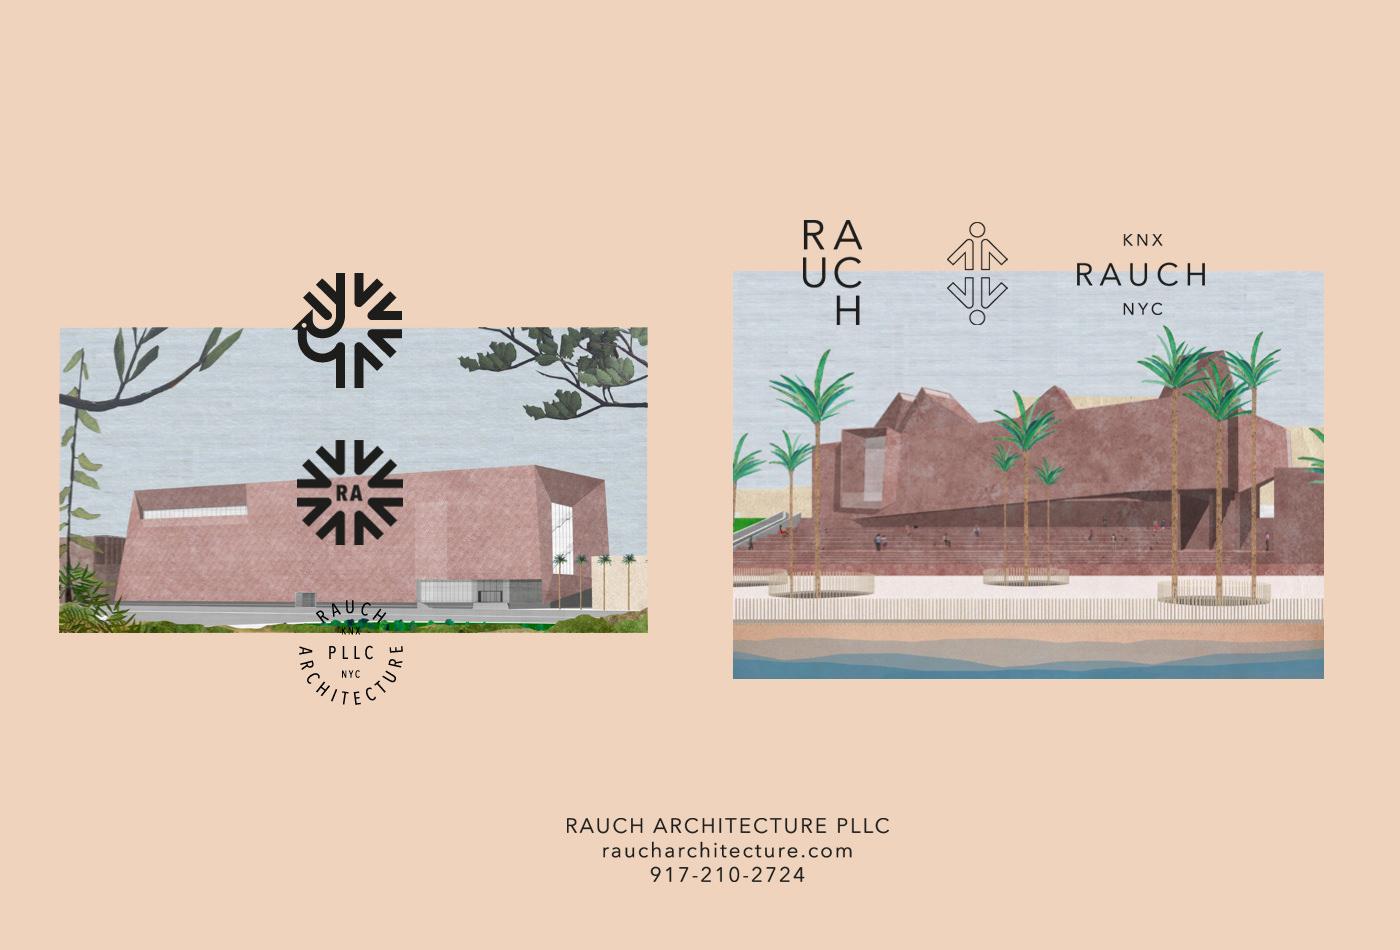 ra-rauch-architecture-matthew-rauch-architecture-pllc-nyc-brooklyn-knx-architect-ppx-modernism-passengerpigeonx-vacaliebres-marks-schematic-midcentury-2